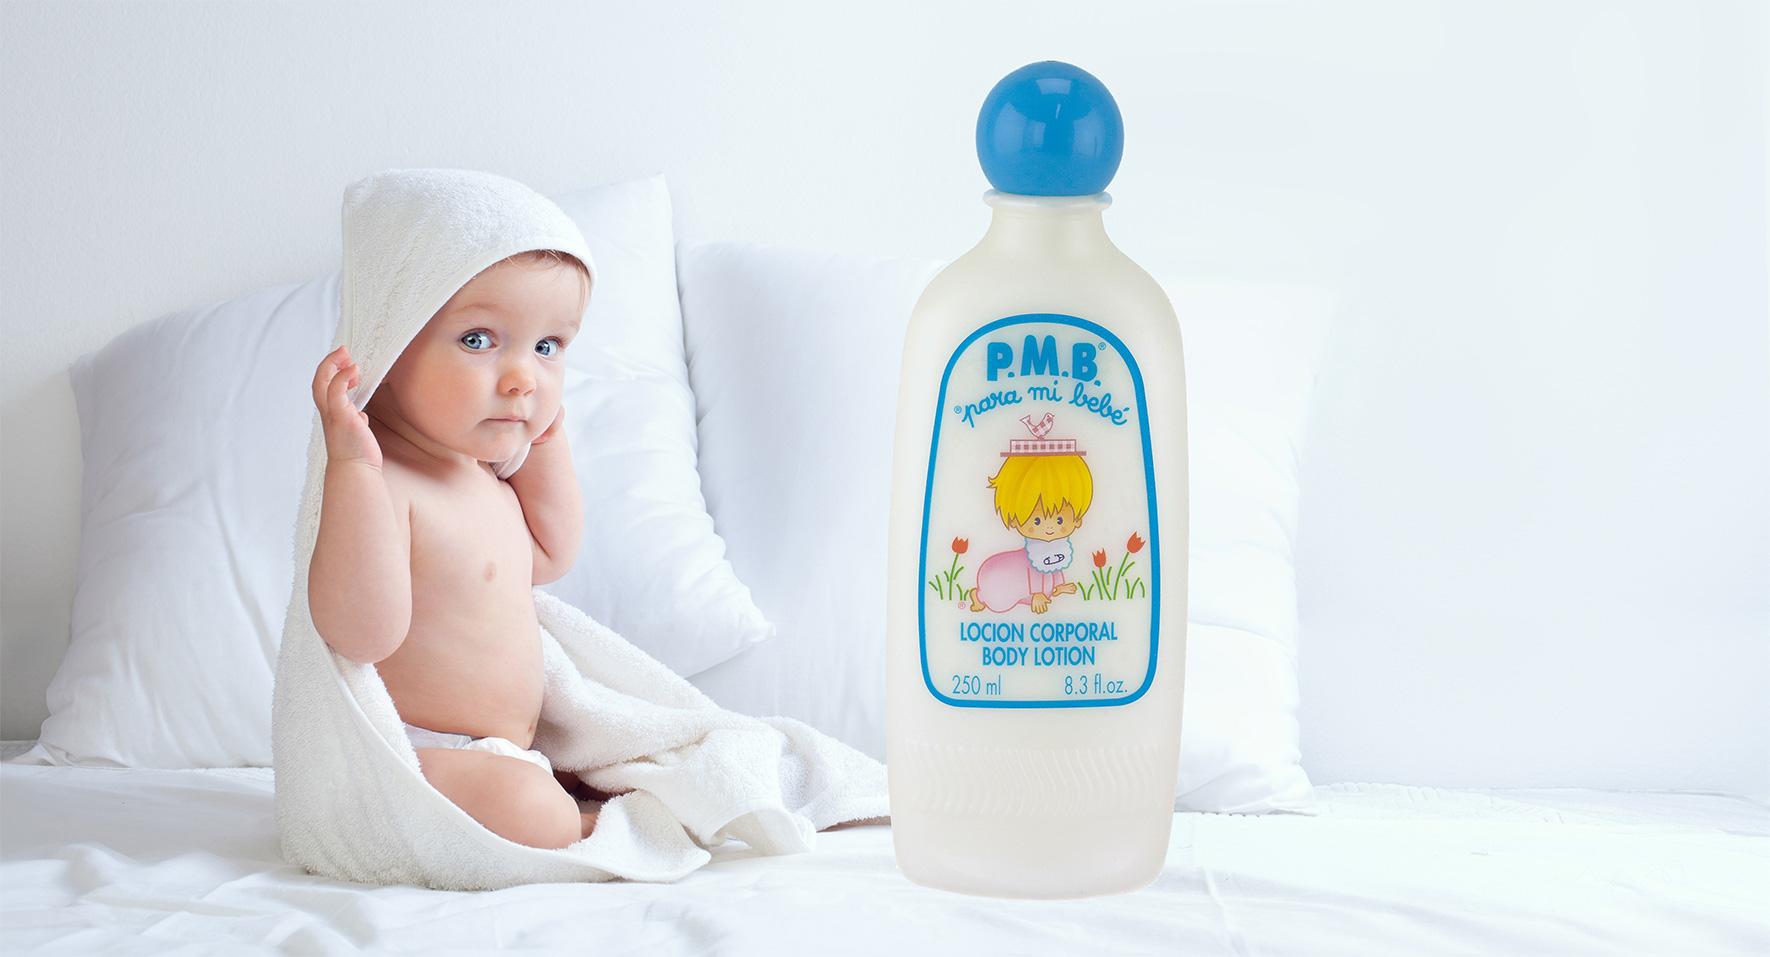 PMB Para Mi Bebé Loción Corporal - Slider